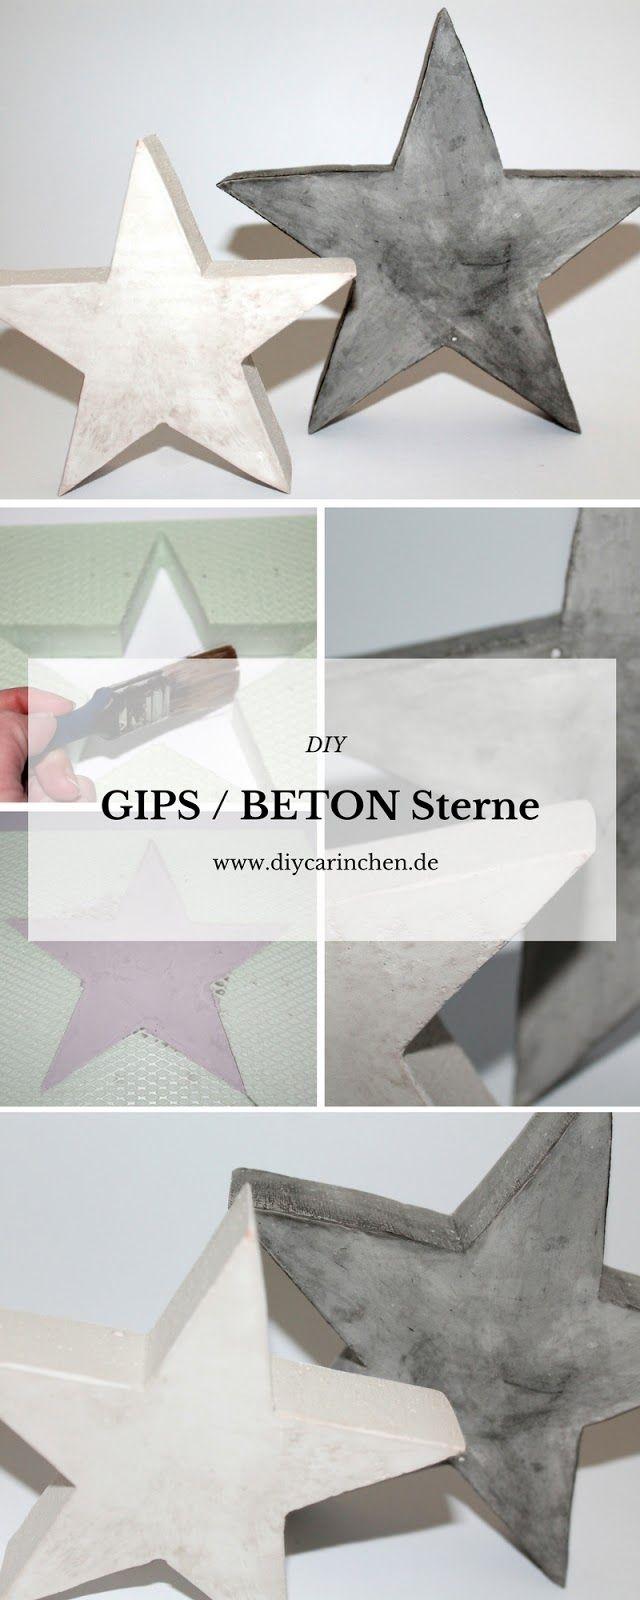 ☆ Coole Weihnachtsdekoration: DIY Gips / Beton Sterne selbst gießen ☆